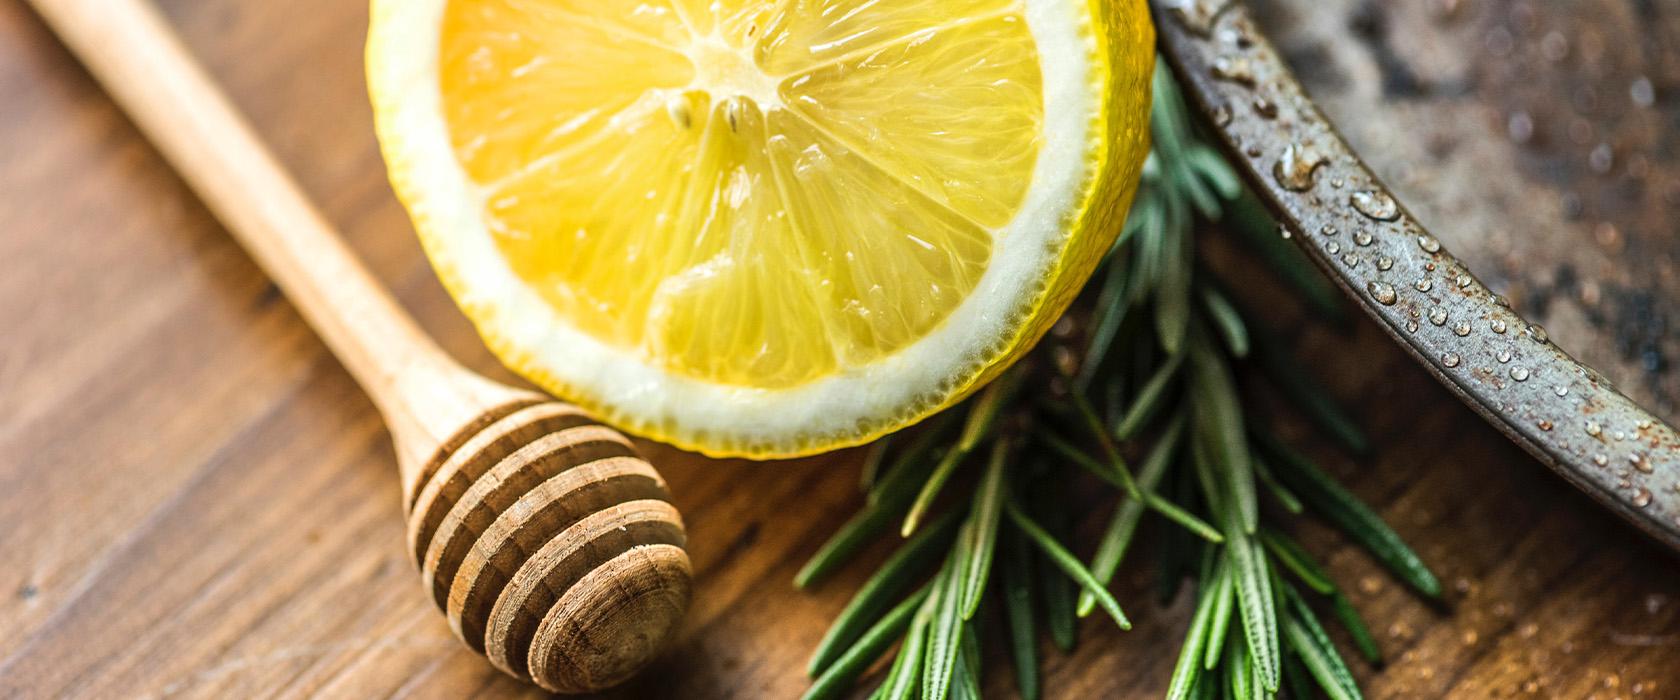 Польза воды с лимоном натощак по утрам